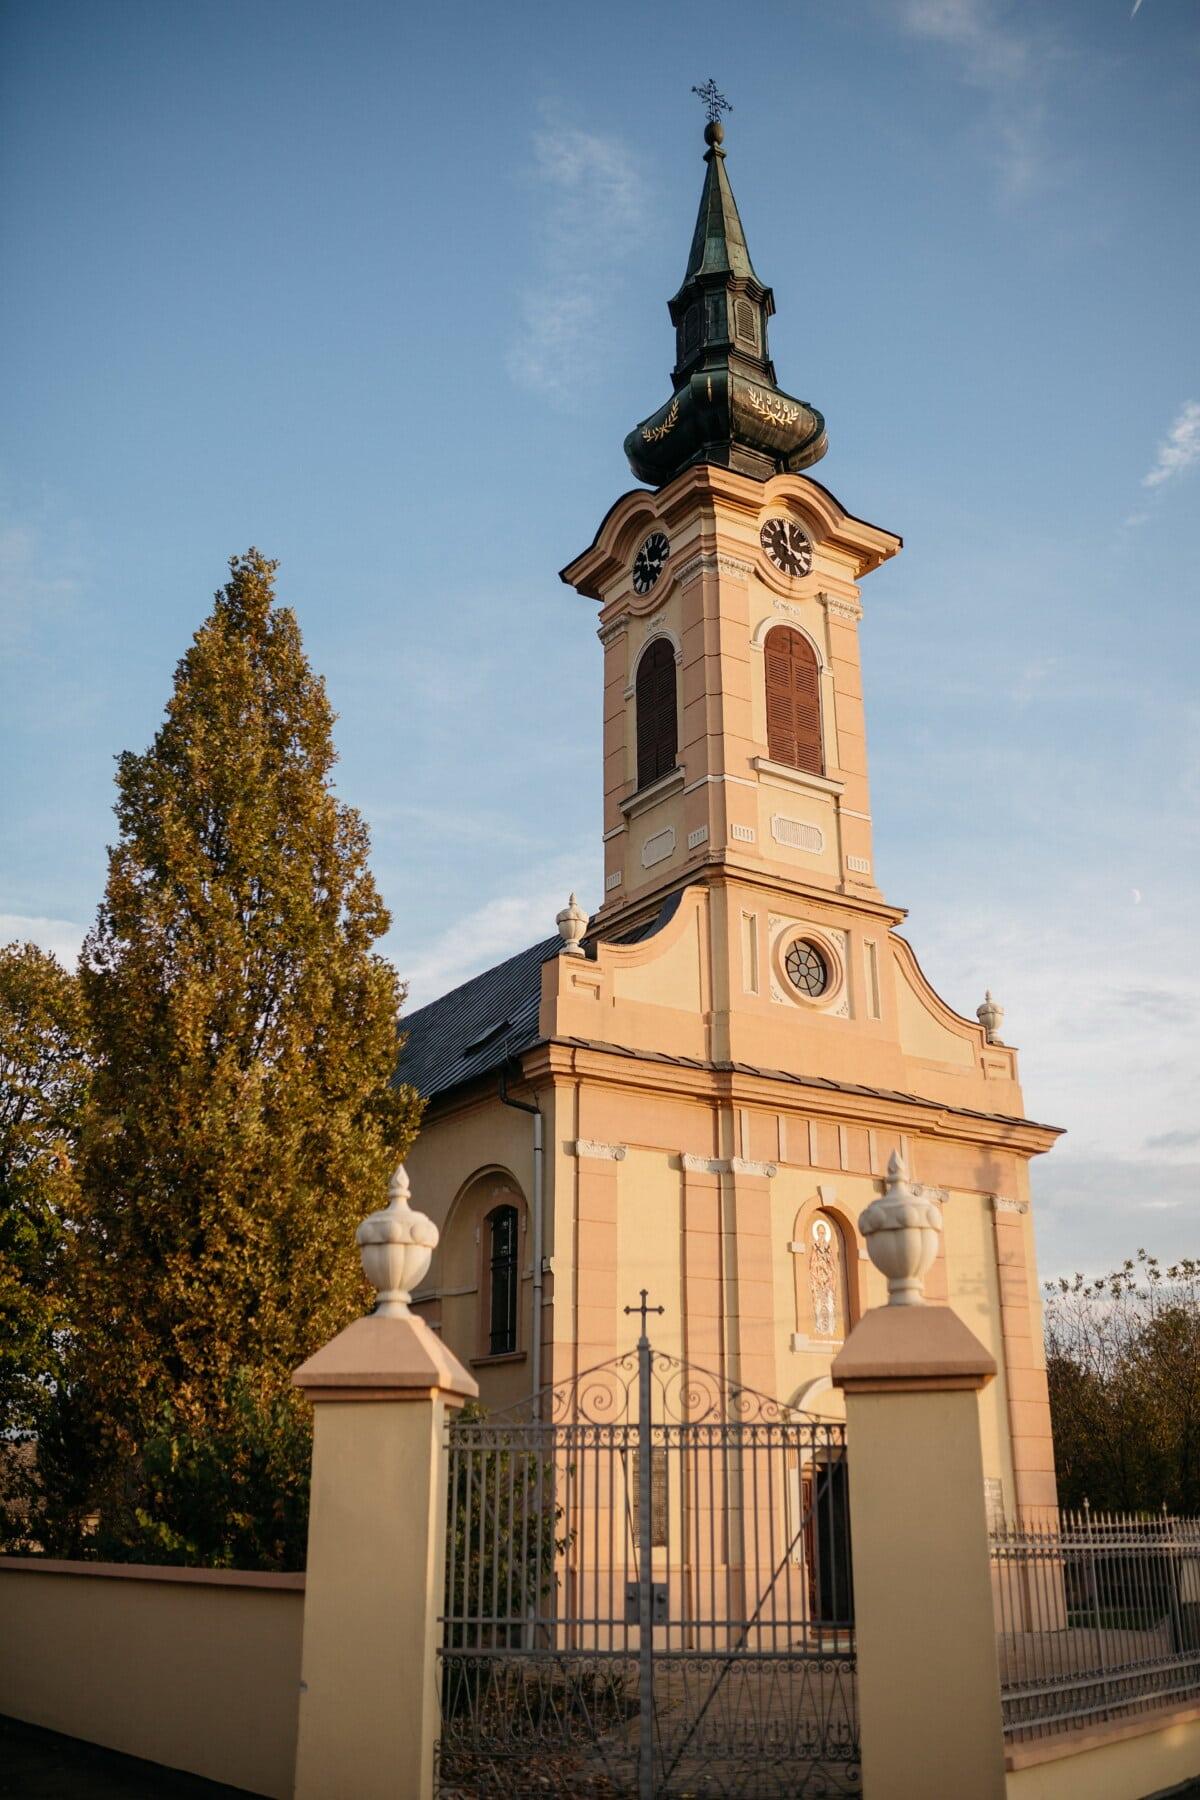 башня церков, церковь, вход, ворота, передняя дверь, улица, архитектура, религия, старый, крест